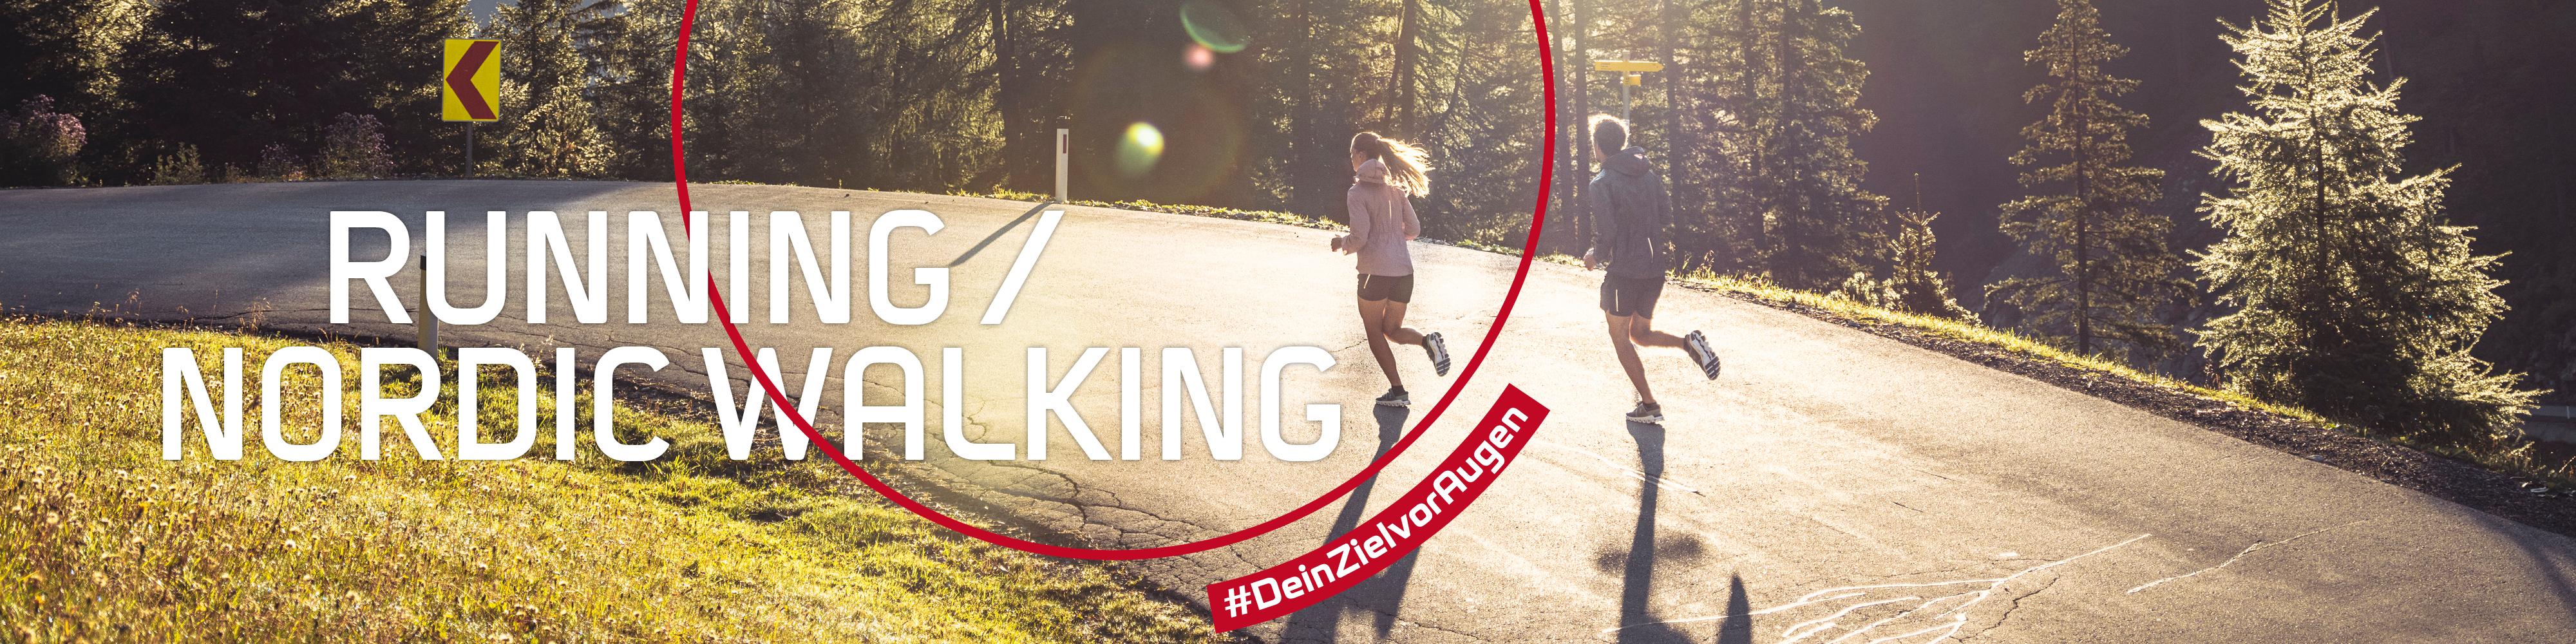 Running-Nordic-Walking-Kategorie